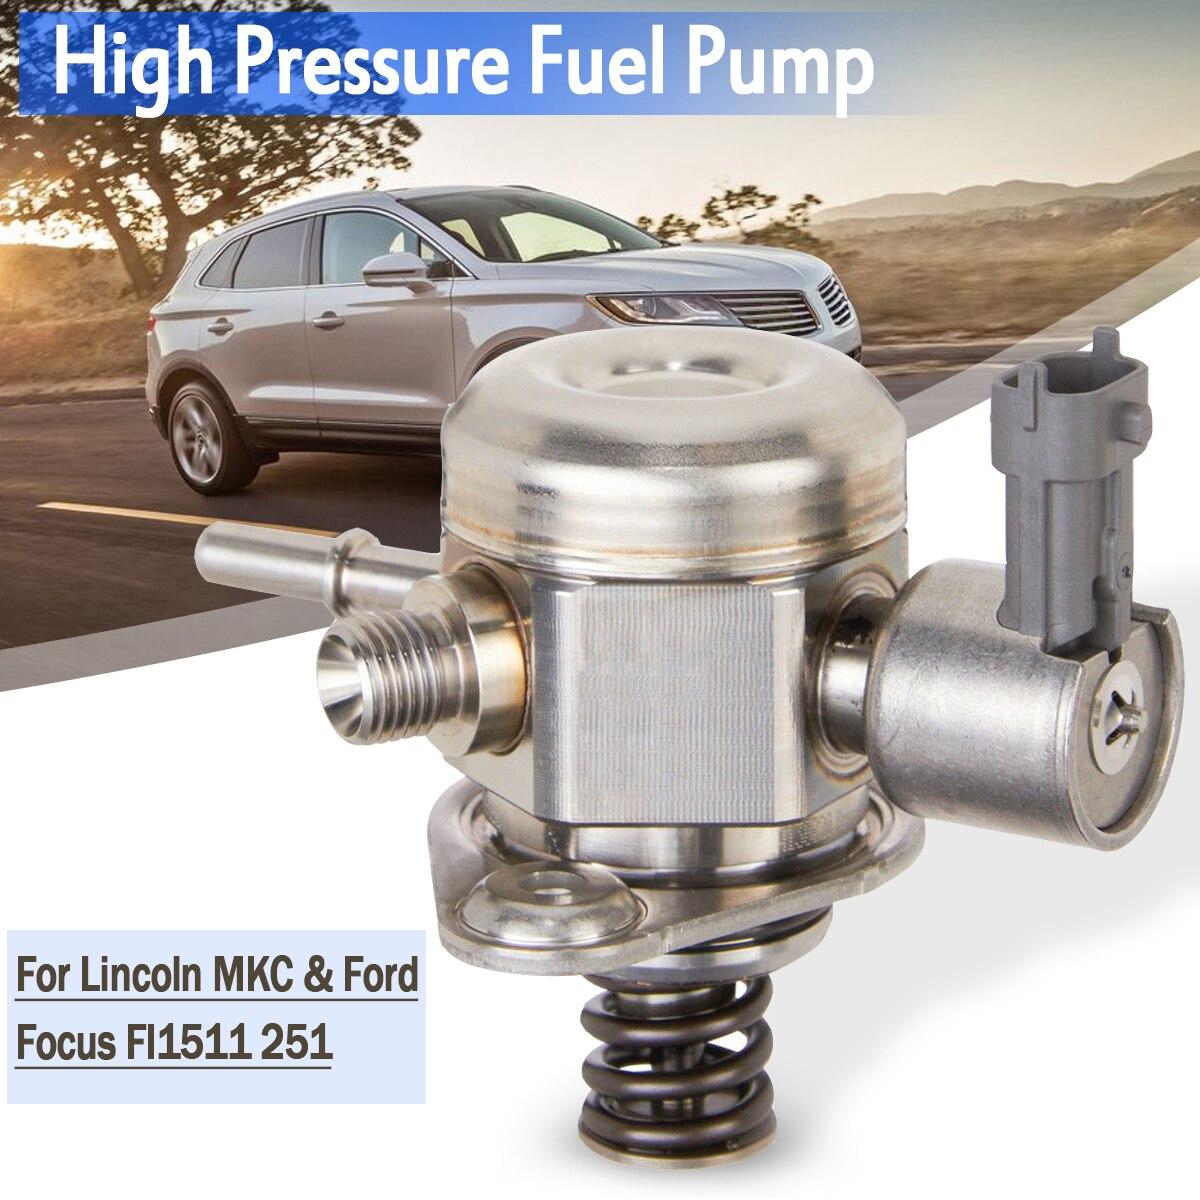 AG9E9D376AB 5162174 топливный насос высокого давления для Линкольн МКС Ford-Focus FI1511 Авто Прямая замена топливные насосы серебро